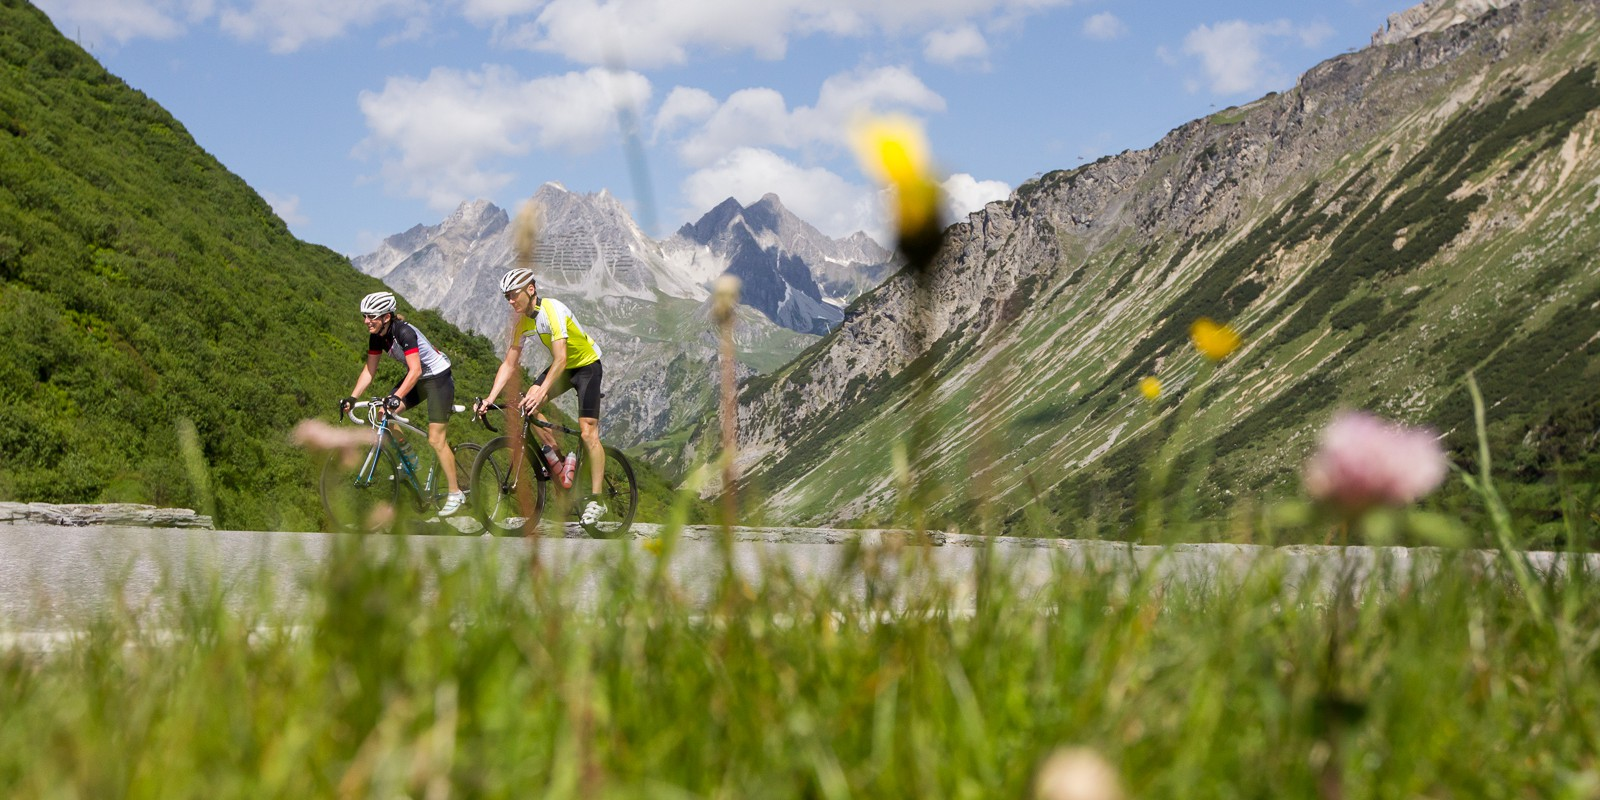 Rennrad-Region St. Anton am Arlberg